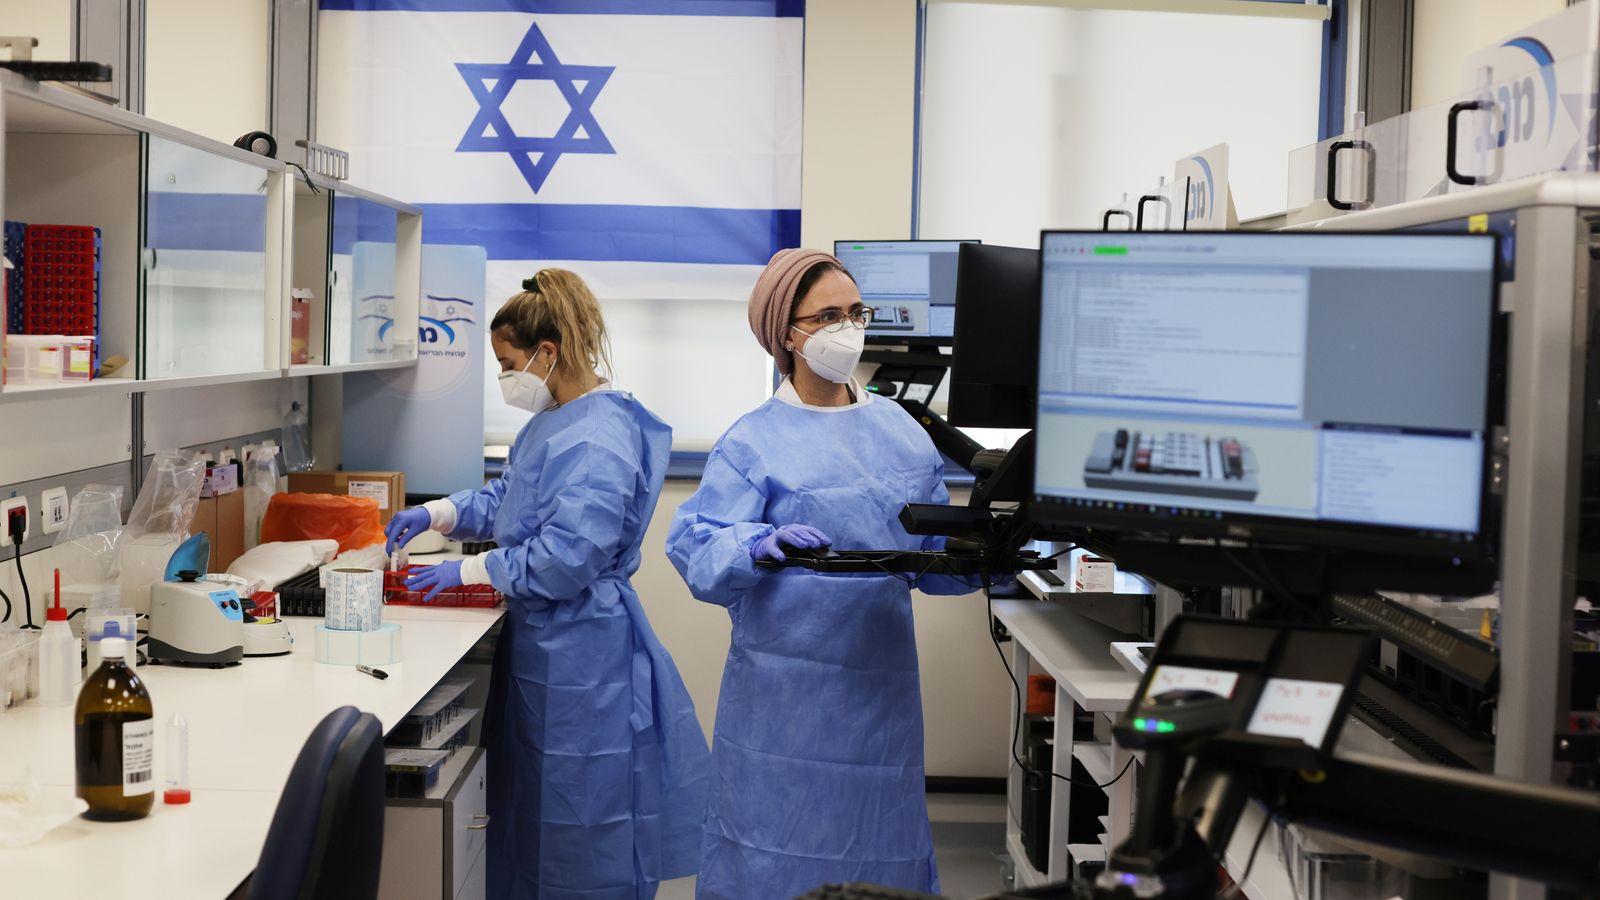 Ισραήλ κορωνοϊός: Επιστροφή στην κανονικότητα μετά τον εμβολιασμό του 40% του πληθυσμού [vid, pcs]